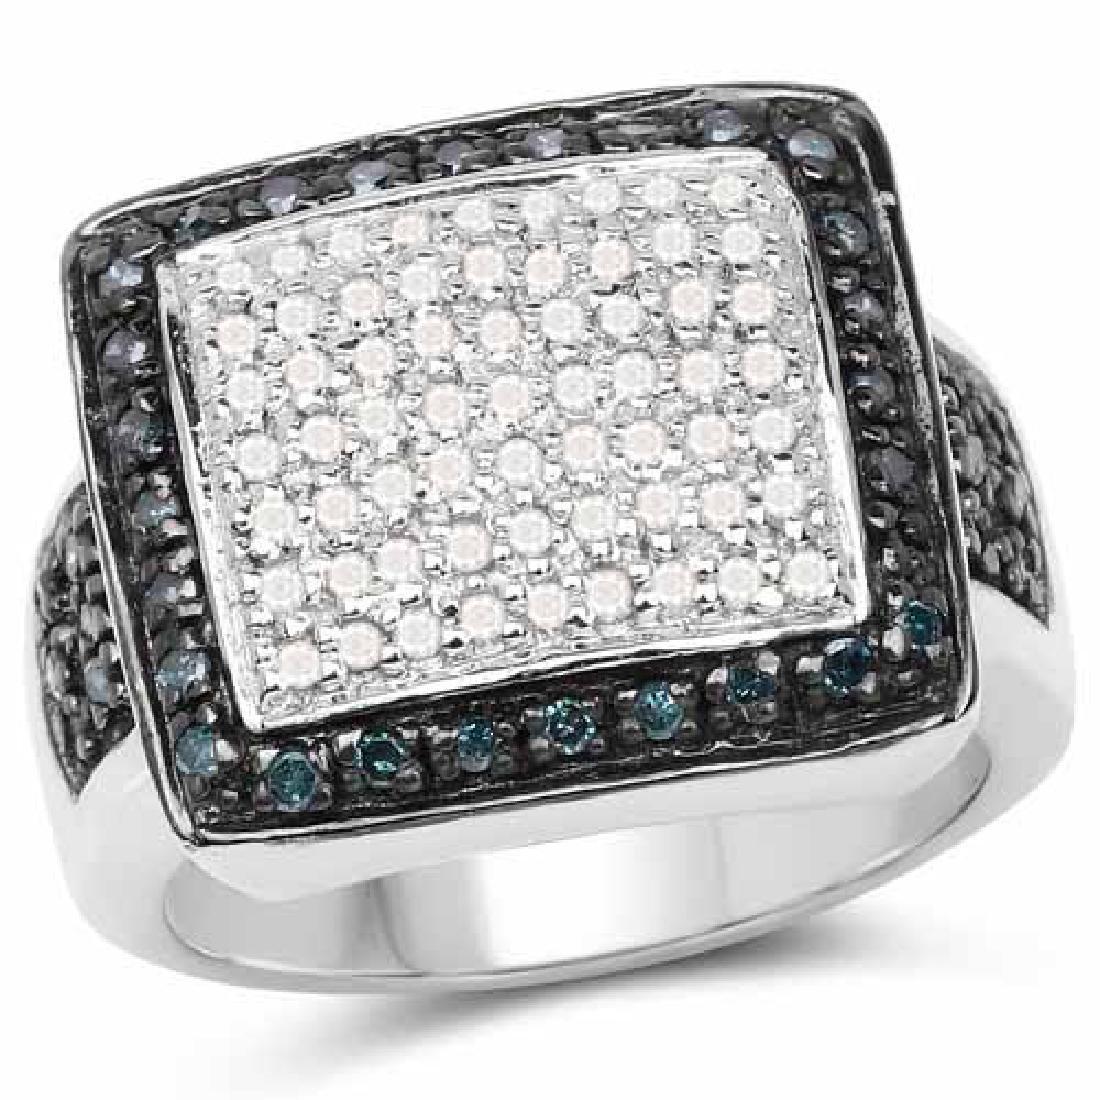 0.64 Carat Genuine White Diamond and Blue Diamond .925